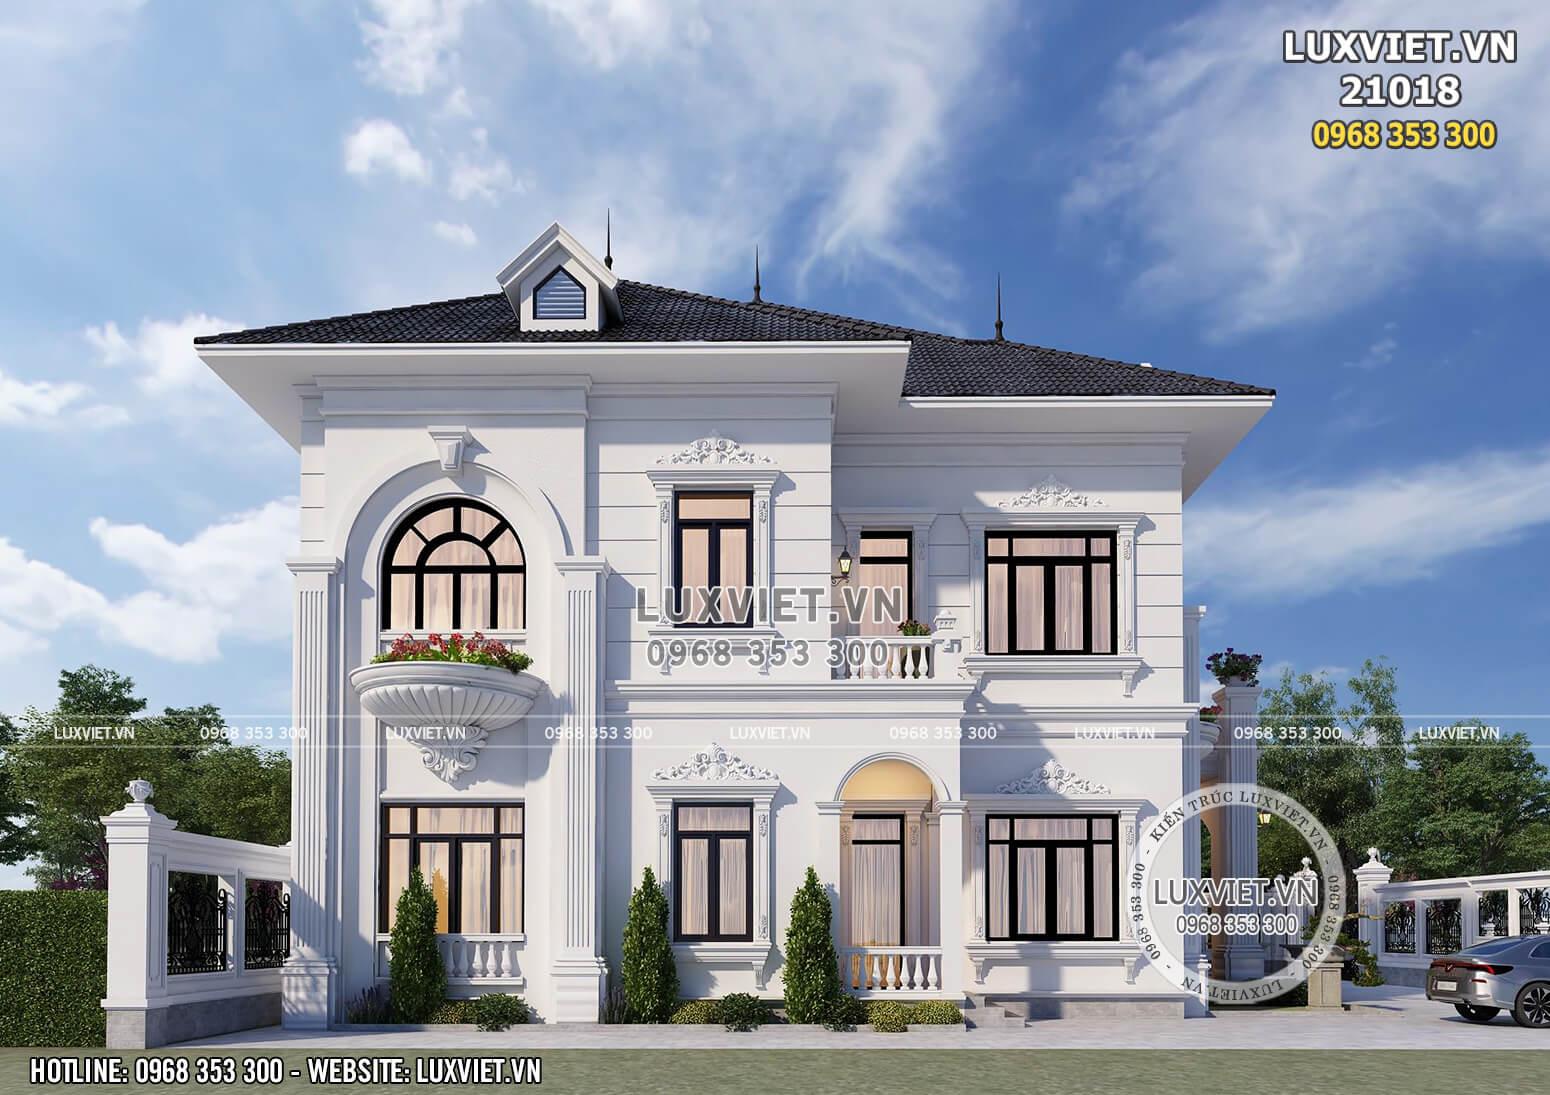 Mặt bên của mẫu nhà 2 tầng kiến trúc tân cổ điển